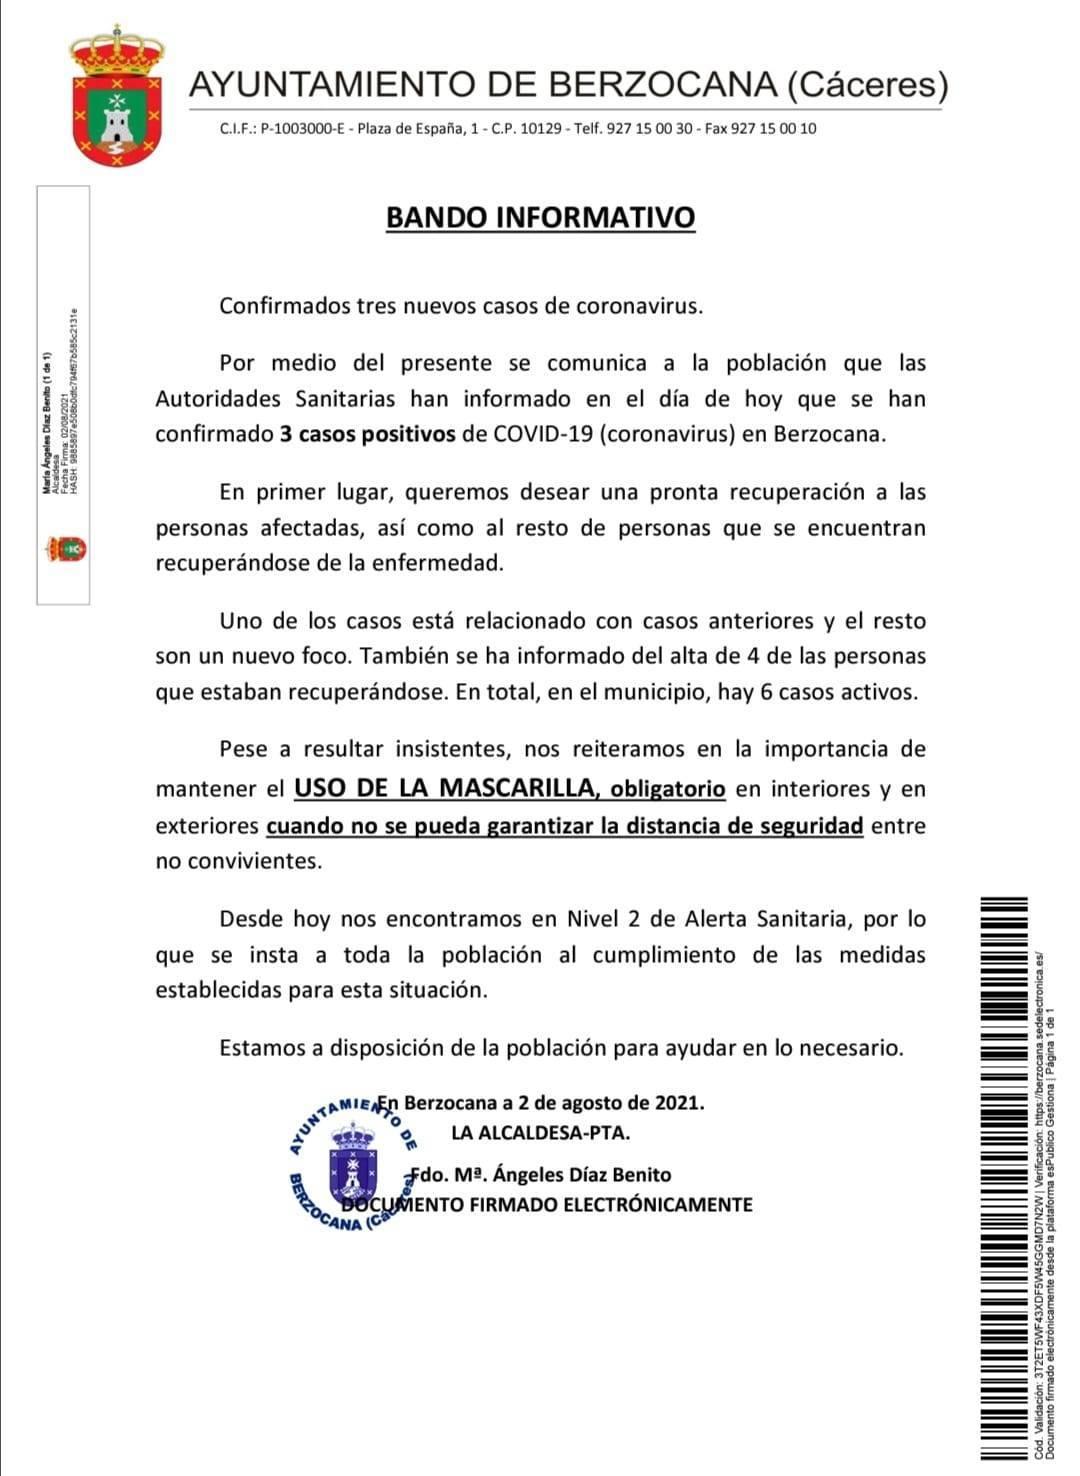 6 casos positivos activos de COVID-19 (agosto 2021) - Berzocana (Cáceres)